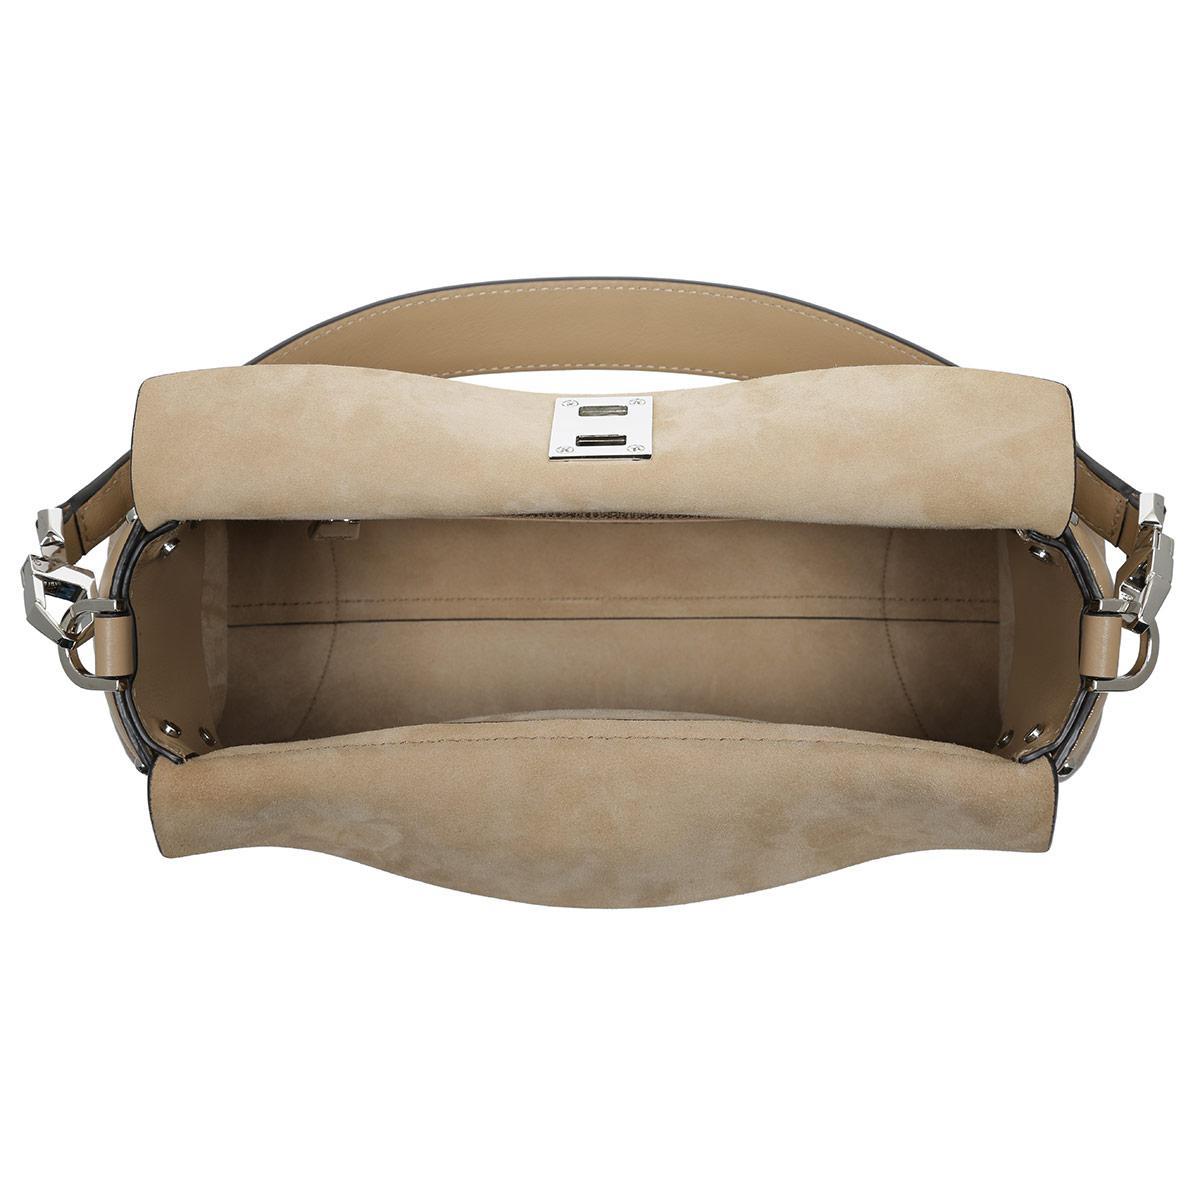 0a87a293e289 Michael Kors Miranda Md Top Lock Shoulder Bag Dune - Lyst